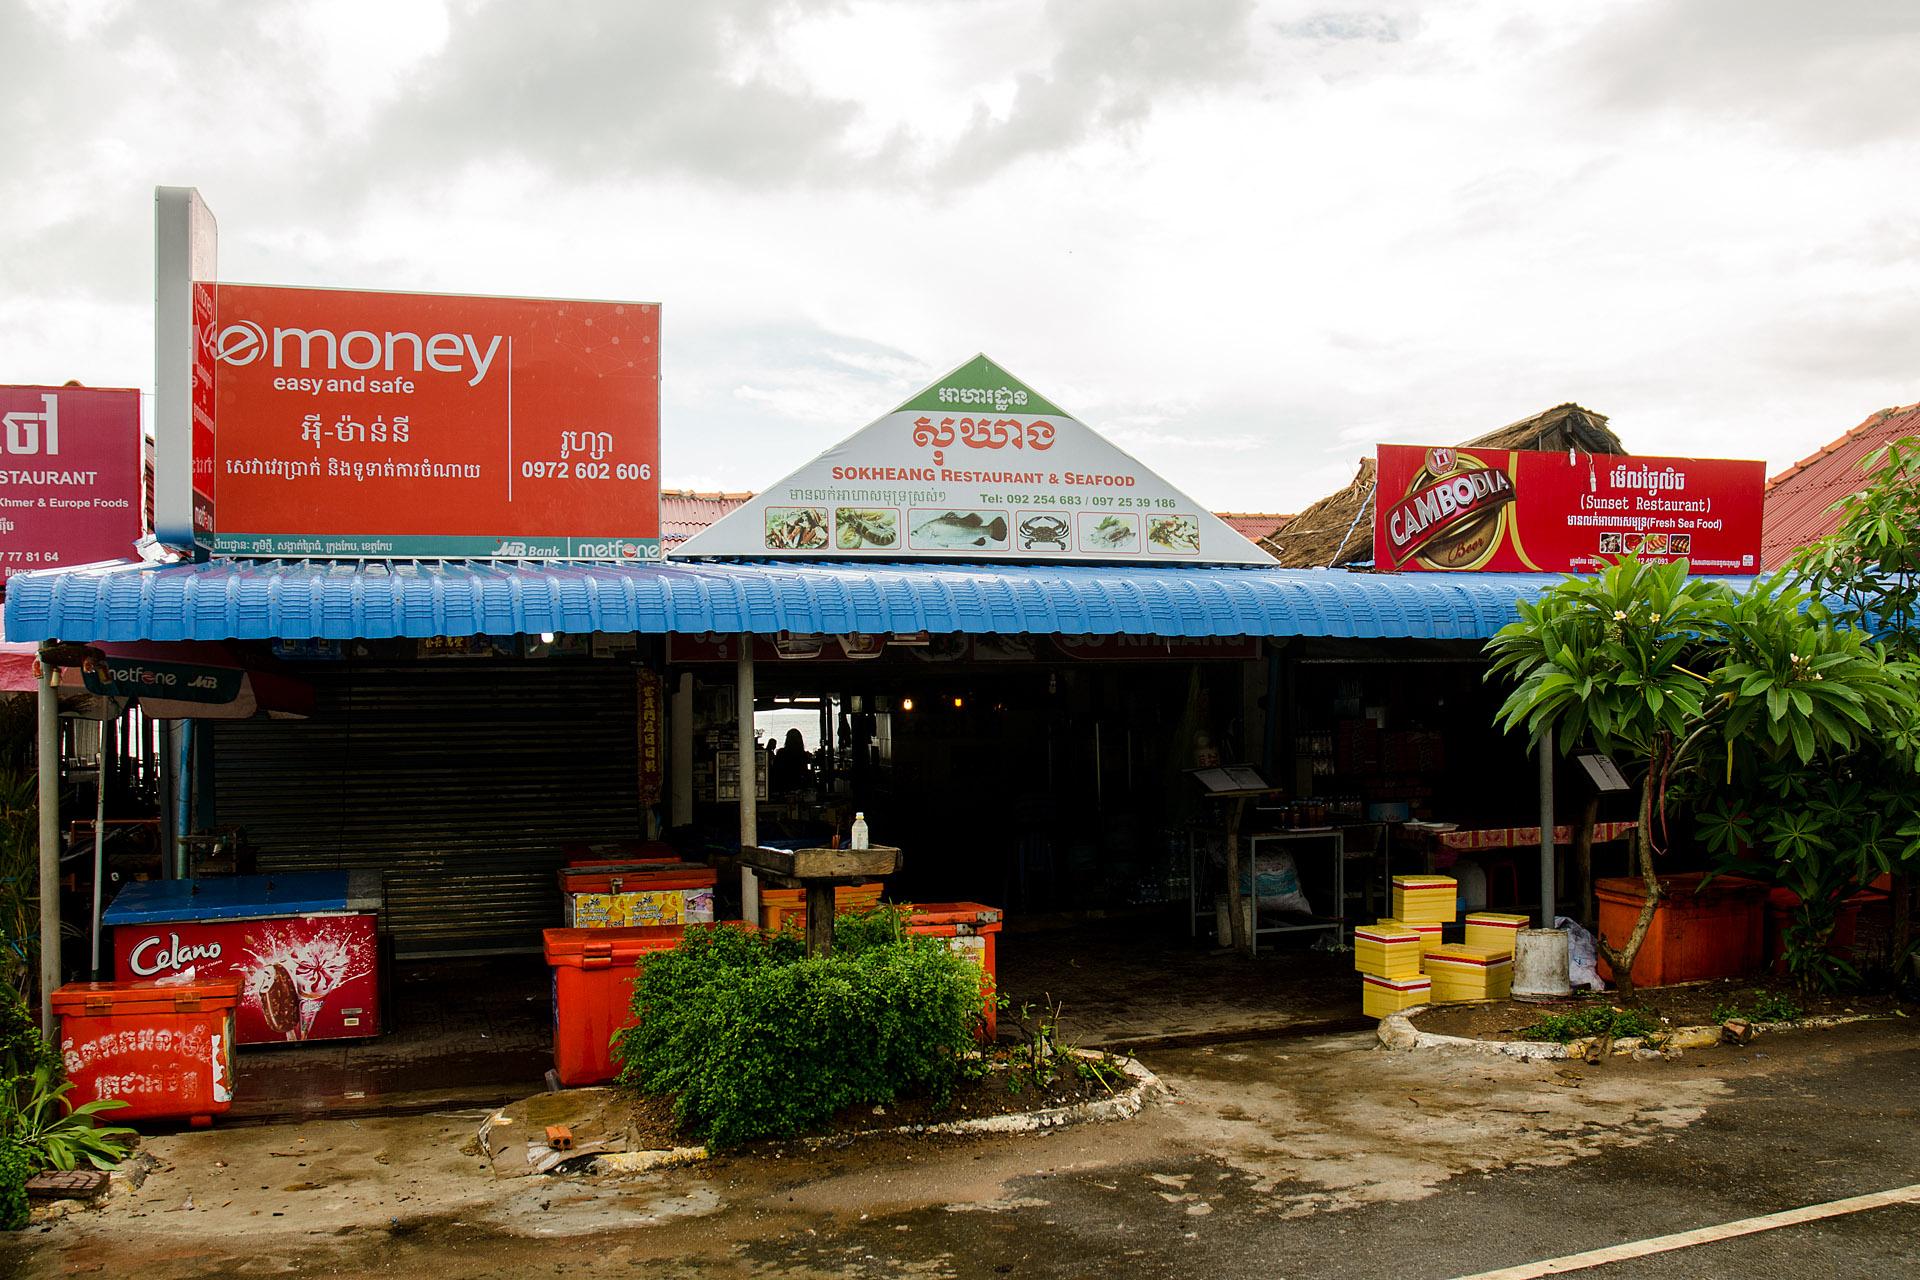 Crab Market (Sokheang Restaurant)